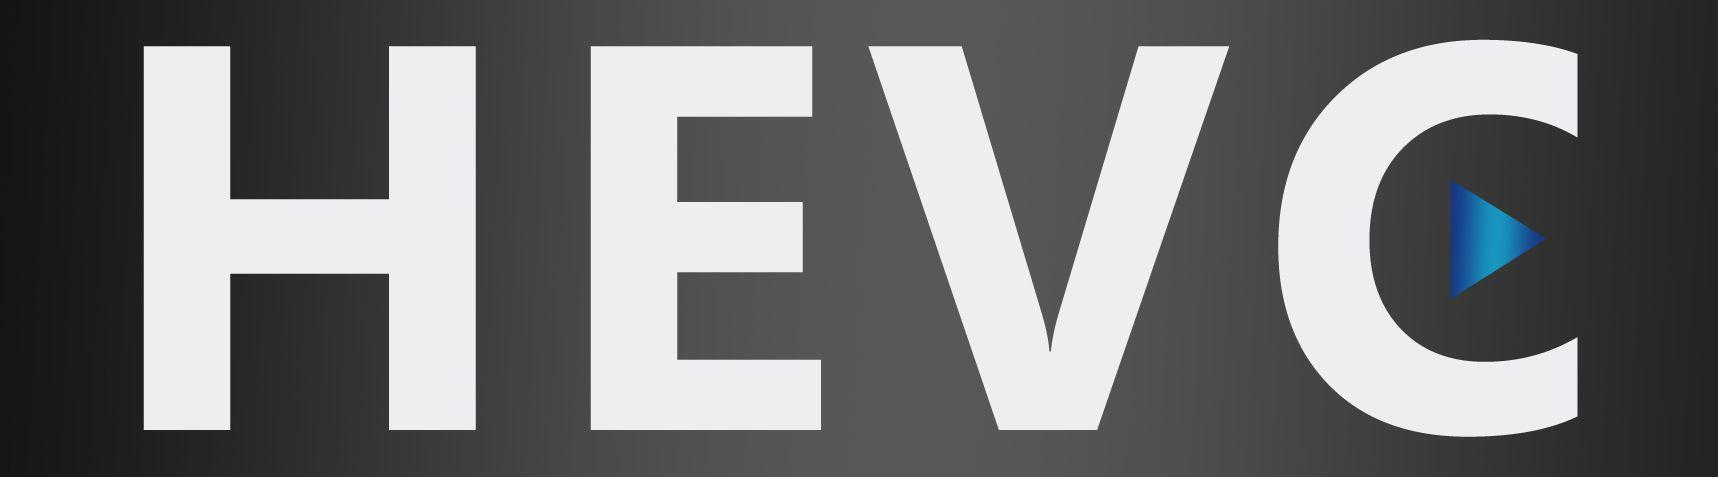 HEVC im digitalen TV Empfang